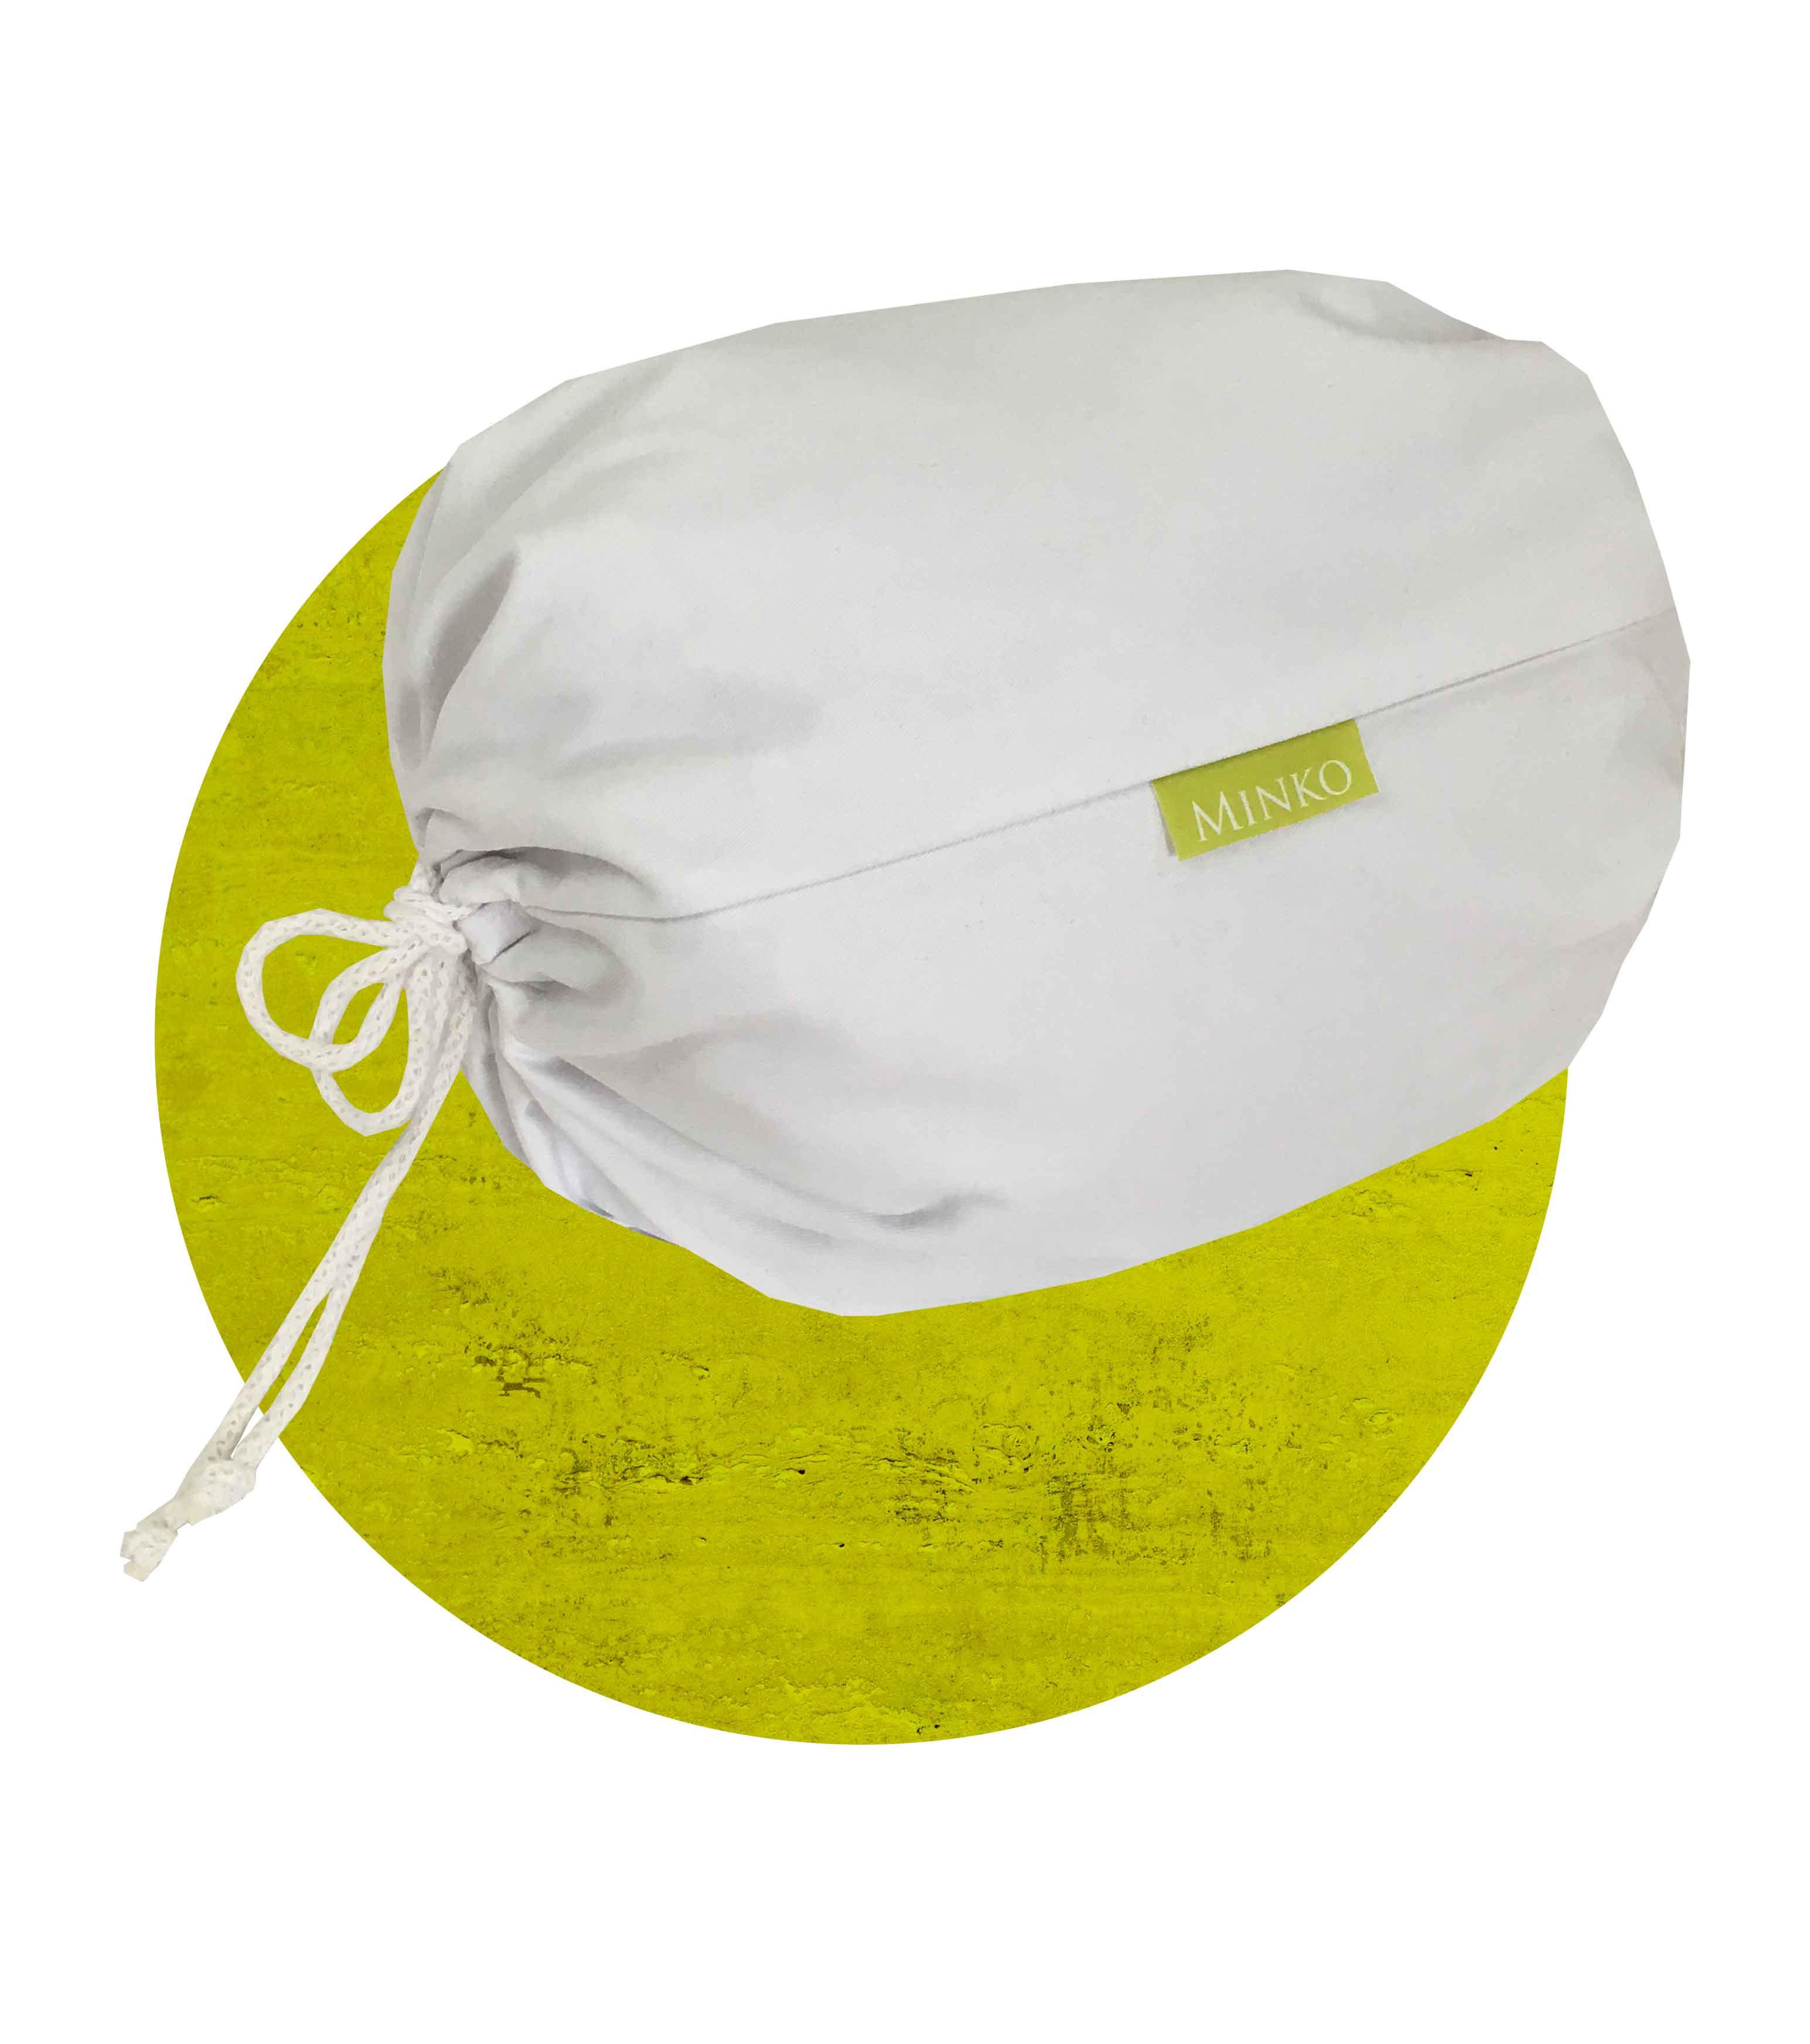 Shiatsu, Behandlungstuch für Shiatsu-Matte für Therapeuten